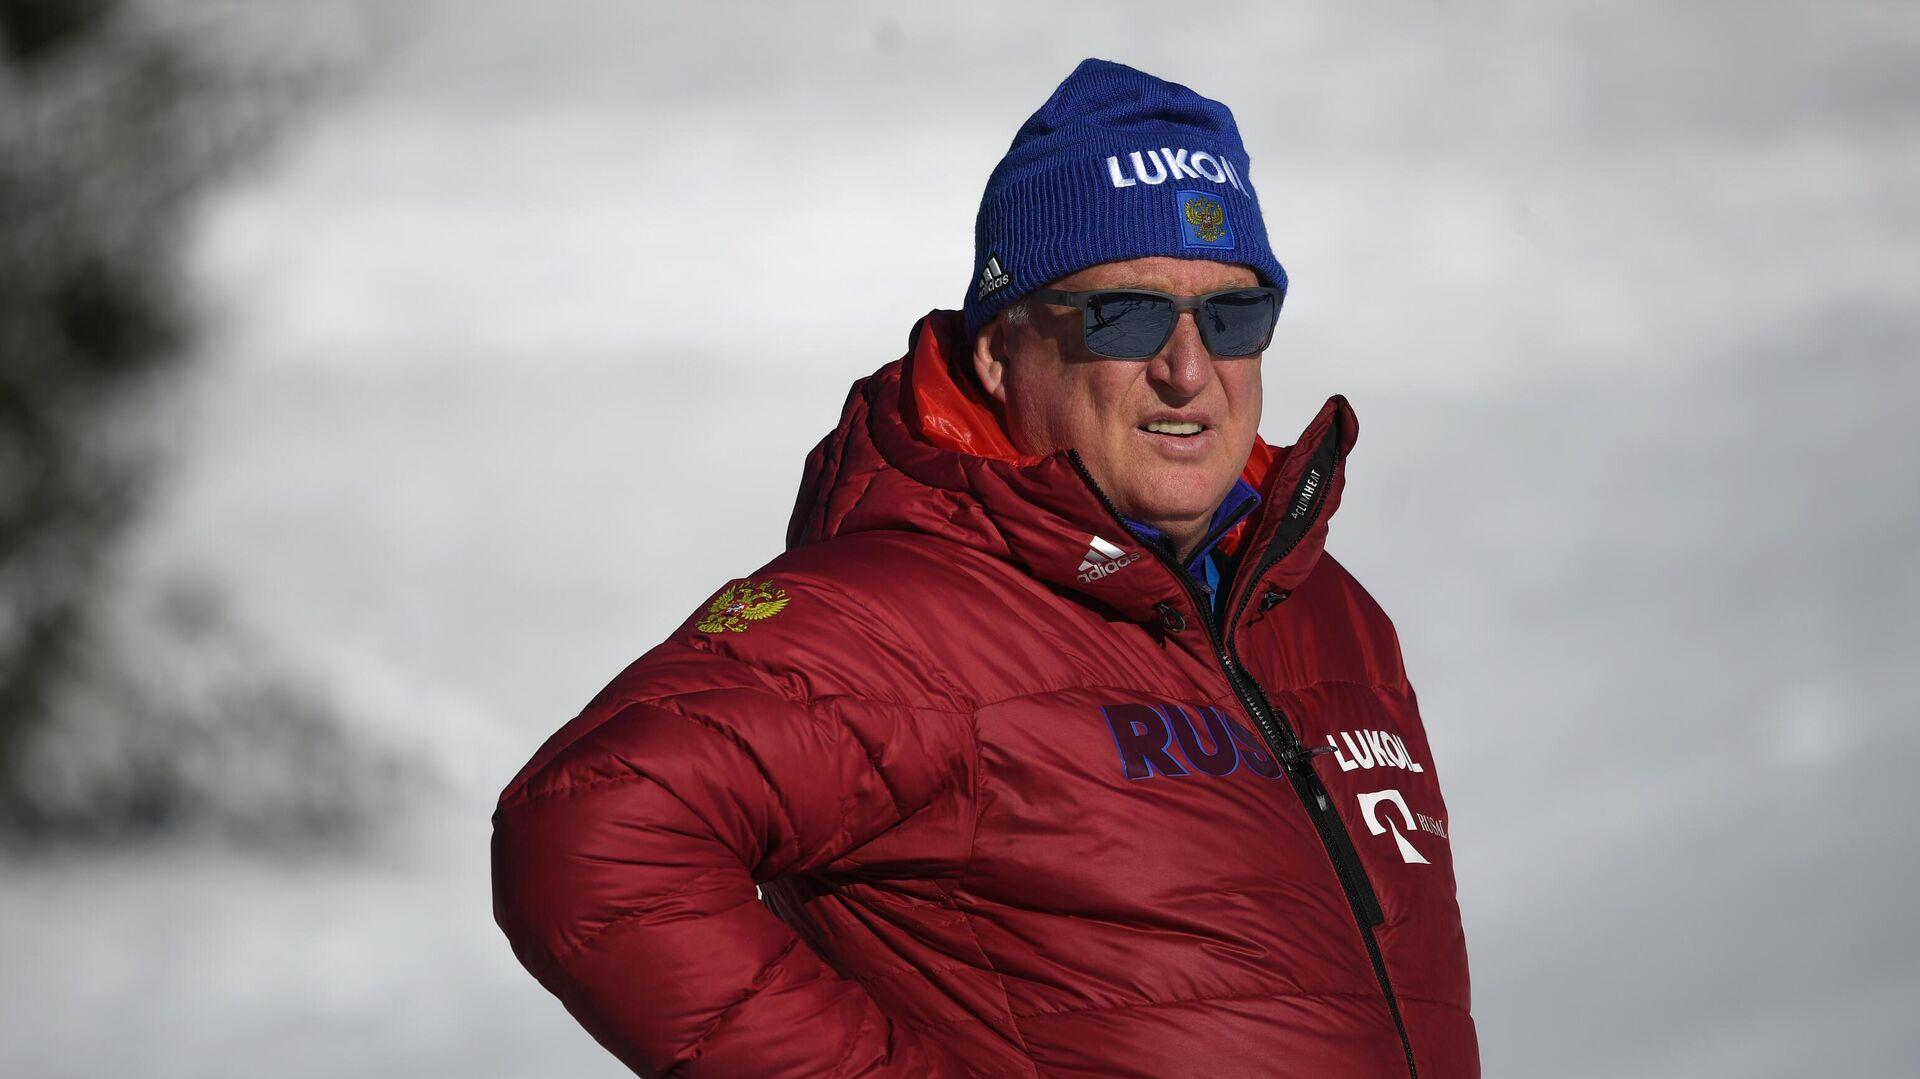 Старший тренер сборной России по лыжным гонкам Юрий Бородавко - РИА Новости, 1920, 04.04.2021